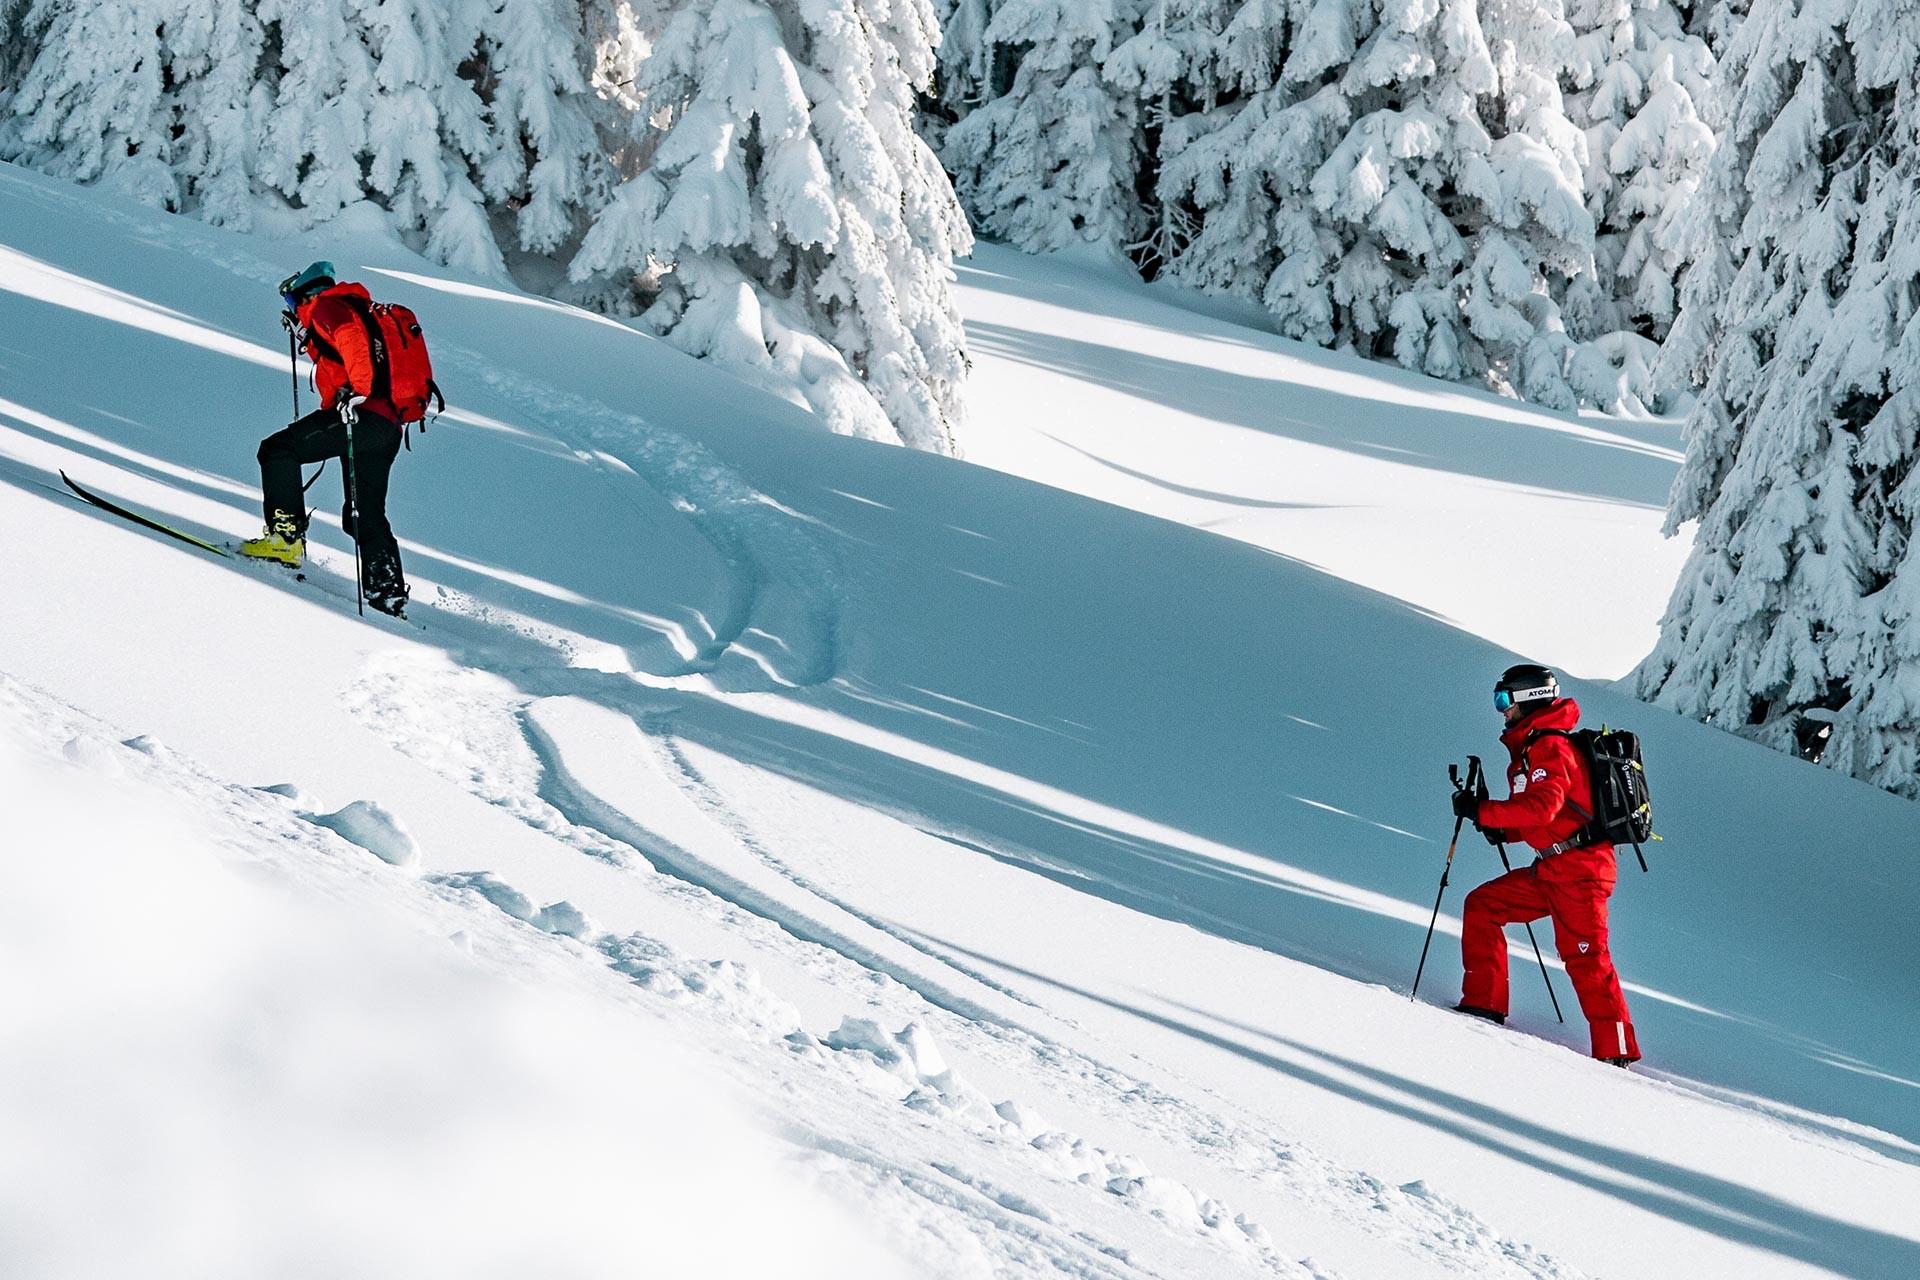 Ski touring lessons